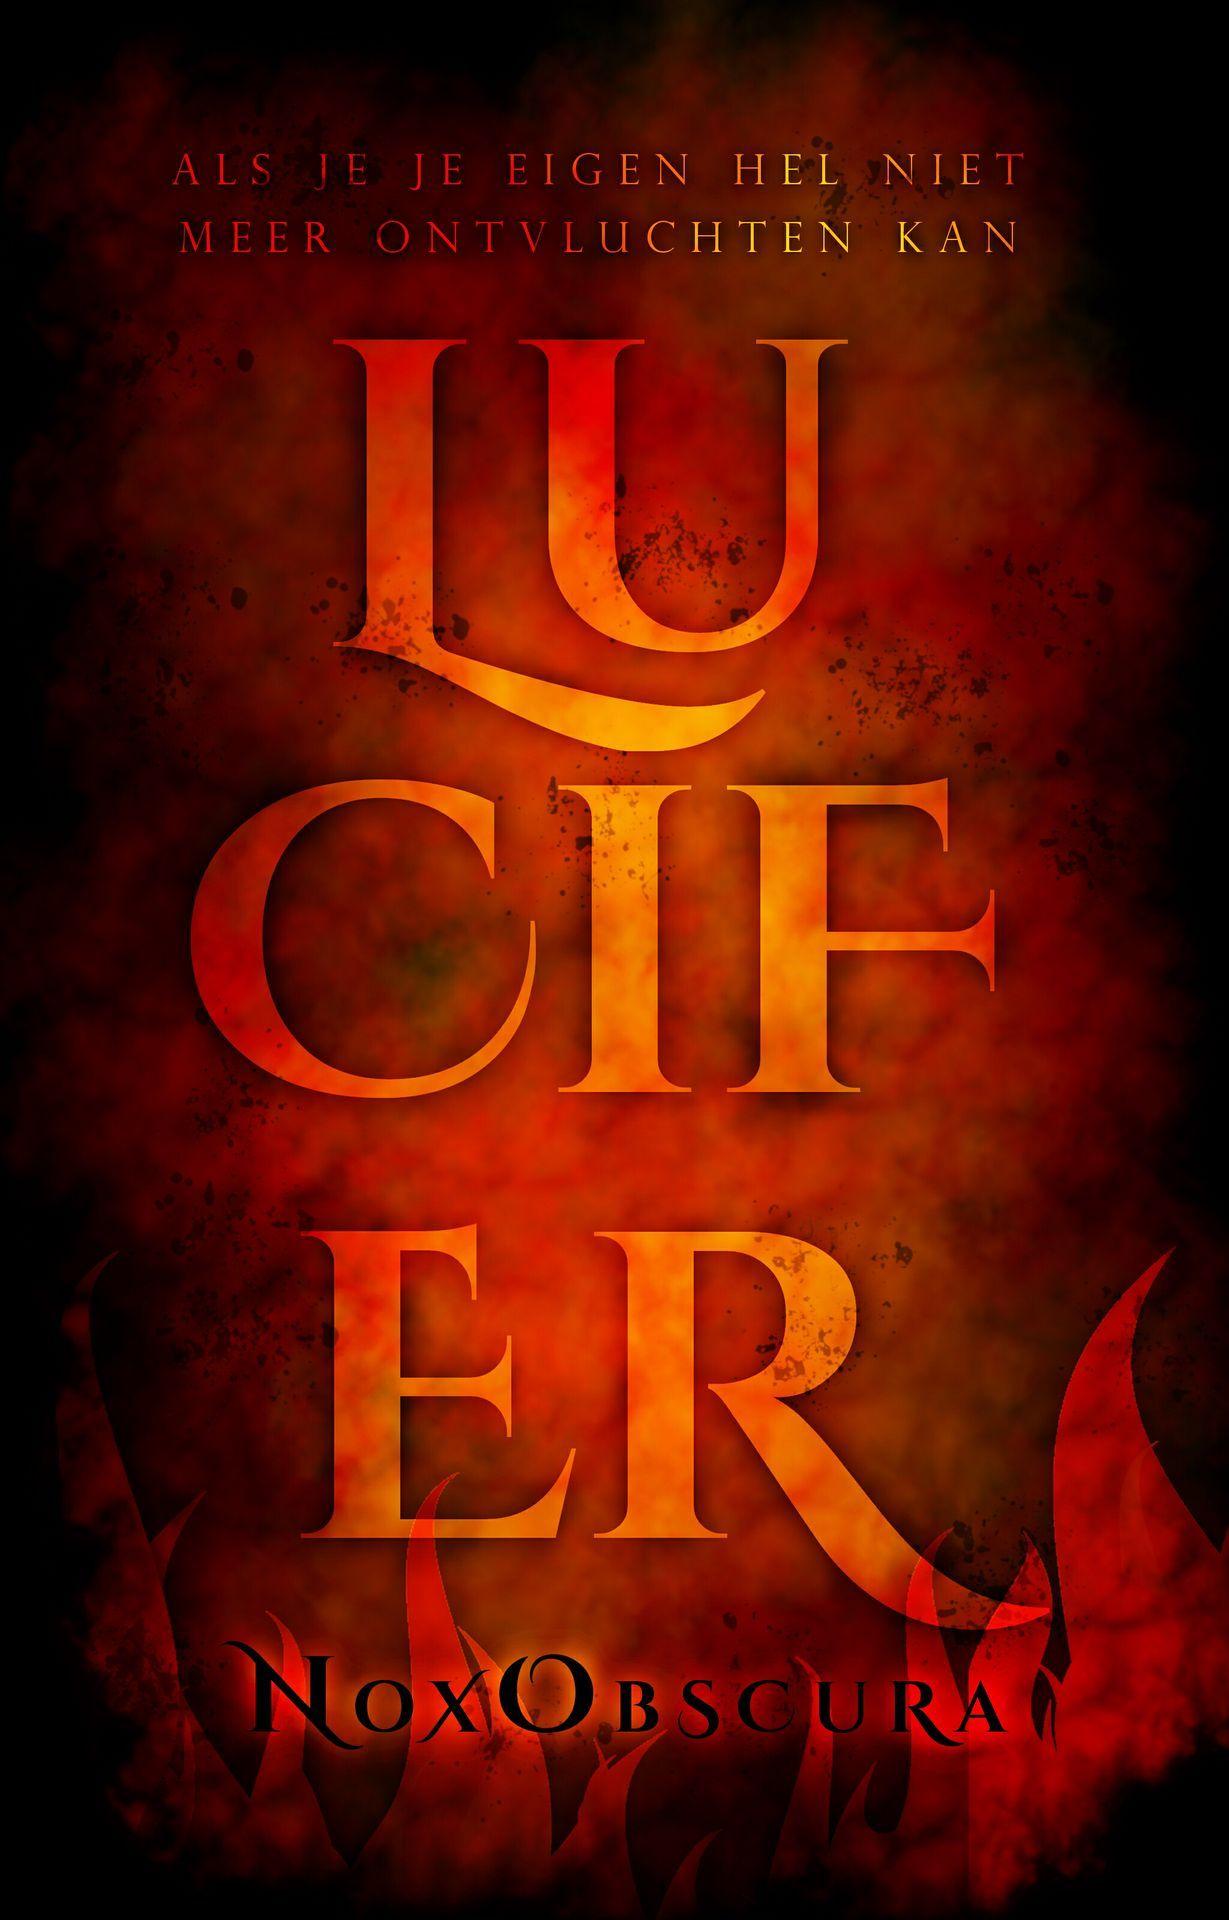 Ik vond het wel leuk om weer een cover in de stijl van Het duistere woud, Orador, Over wezenloze zielen en meer te maken dus hier is Lucifer voor NoxObscura!